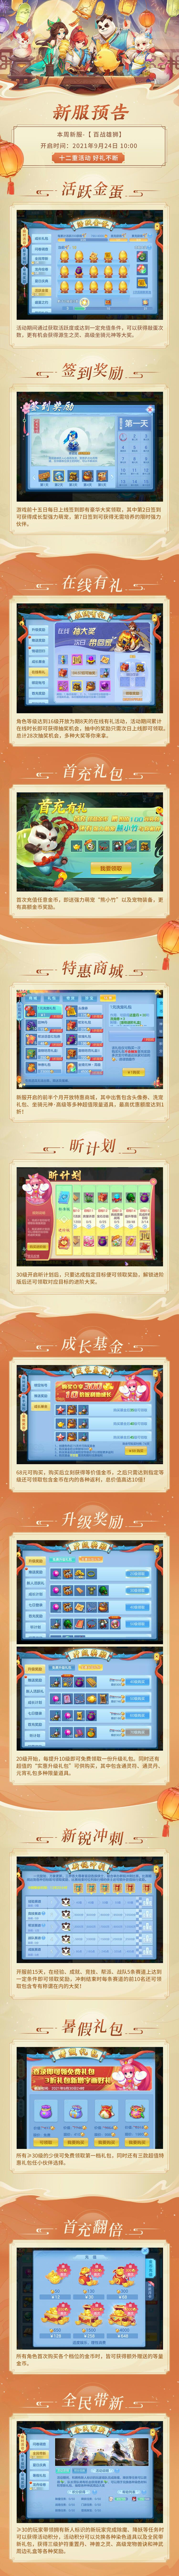 """【官方资讯】新服""""百战雄狮""""9月24日正式开启!"""